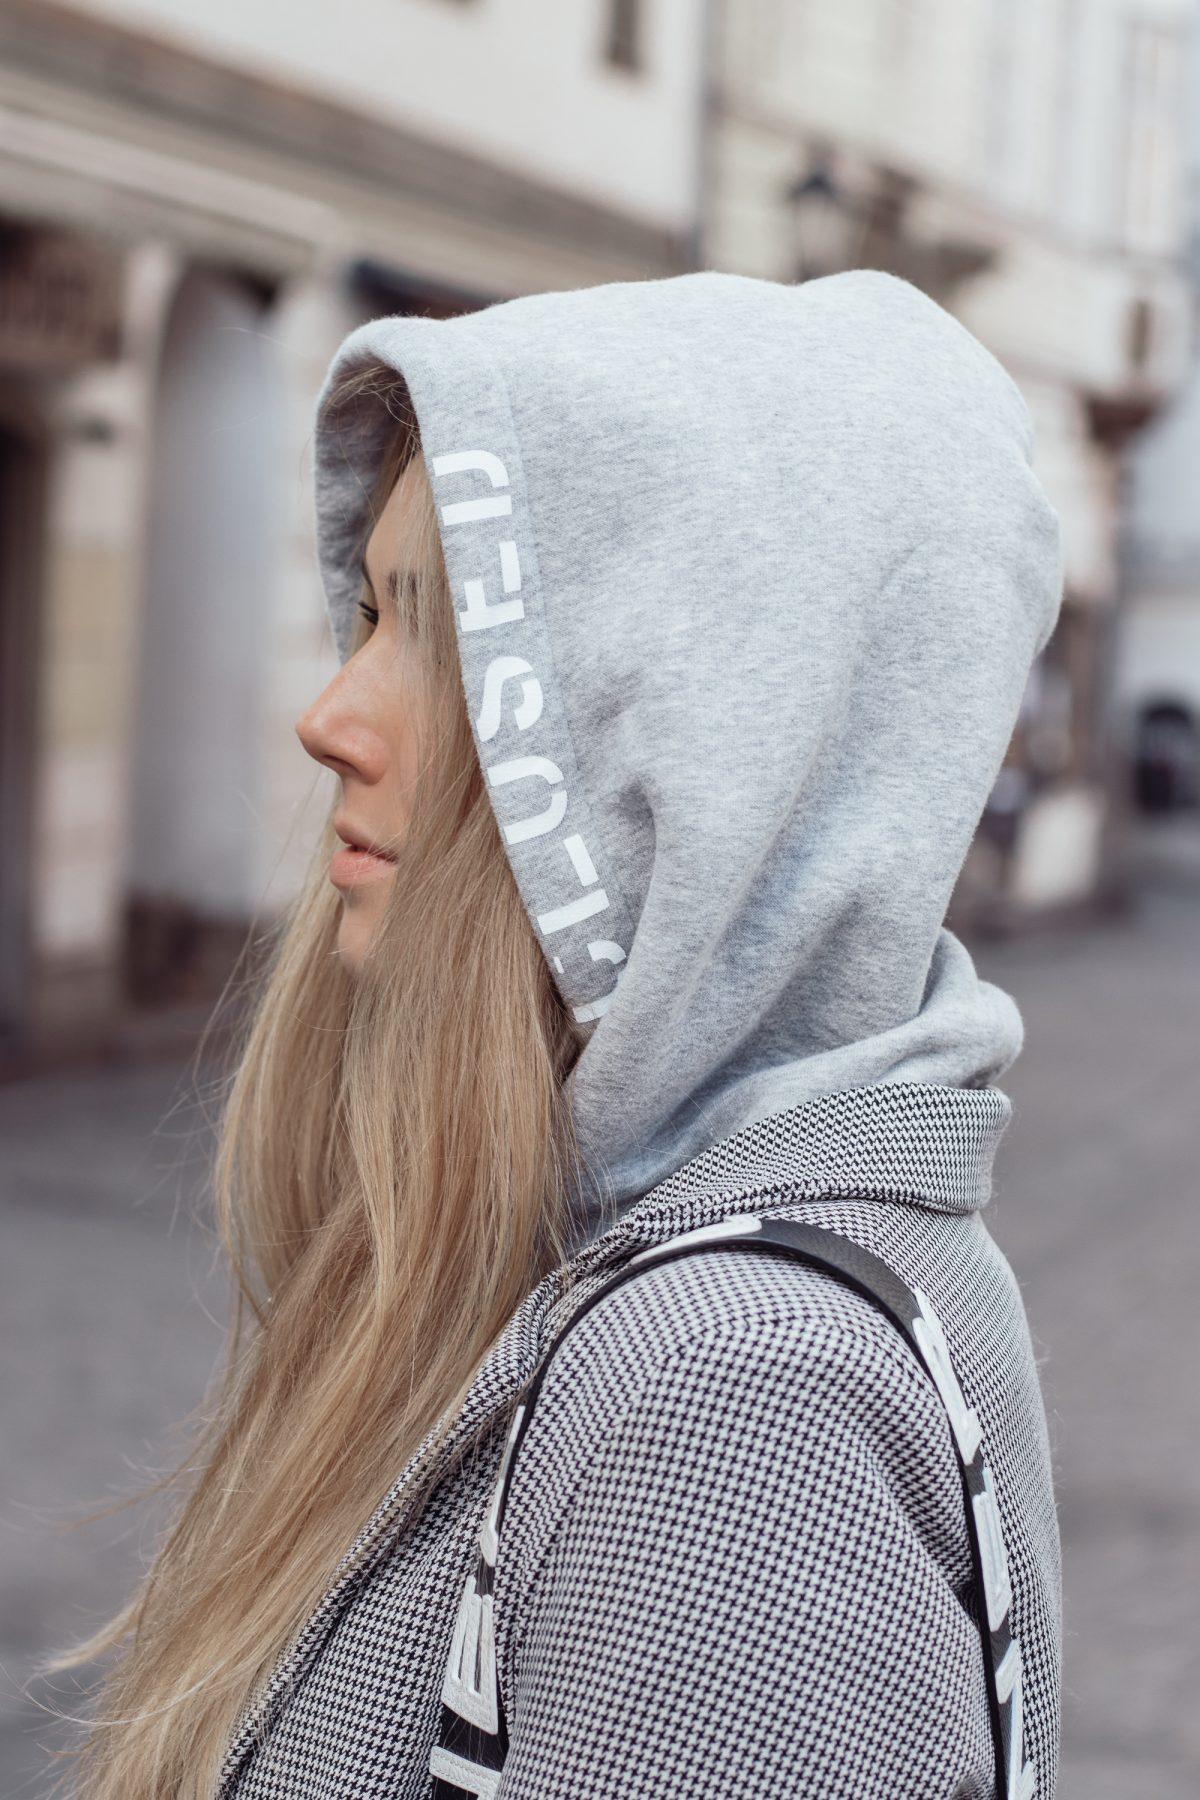 BLOG YOUR STYLE: Hoodies und Sweatshirts auf dem österreichischen Lifestyle Blog Bits and Bobs by Eva. Mehr Fashion auf www.bitsandbobsbyeva.com